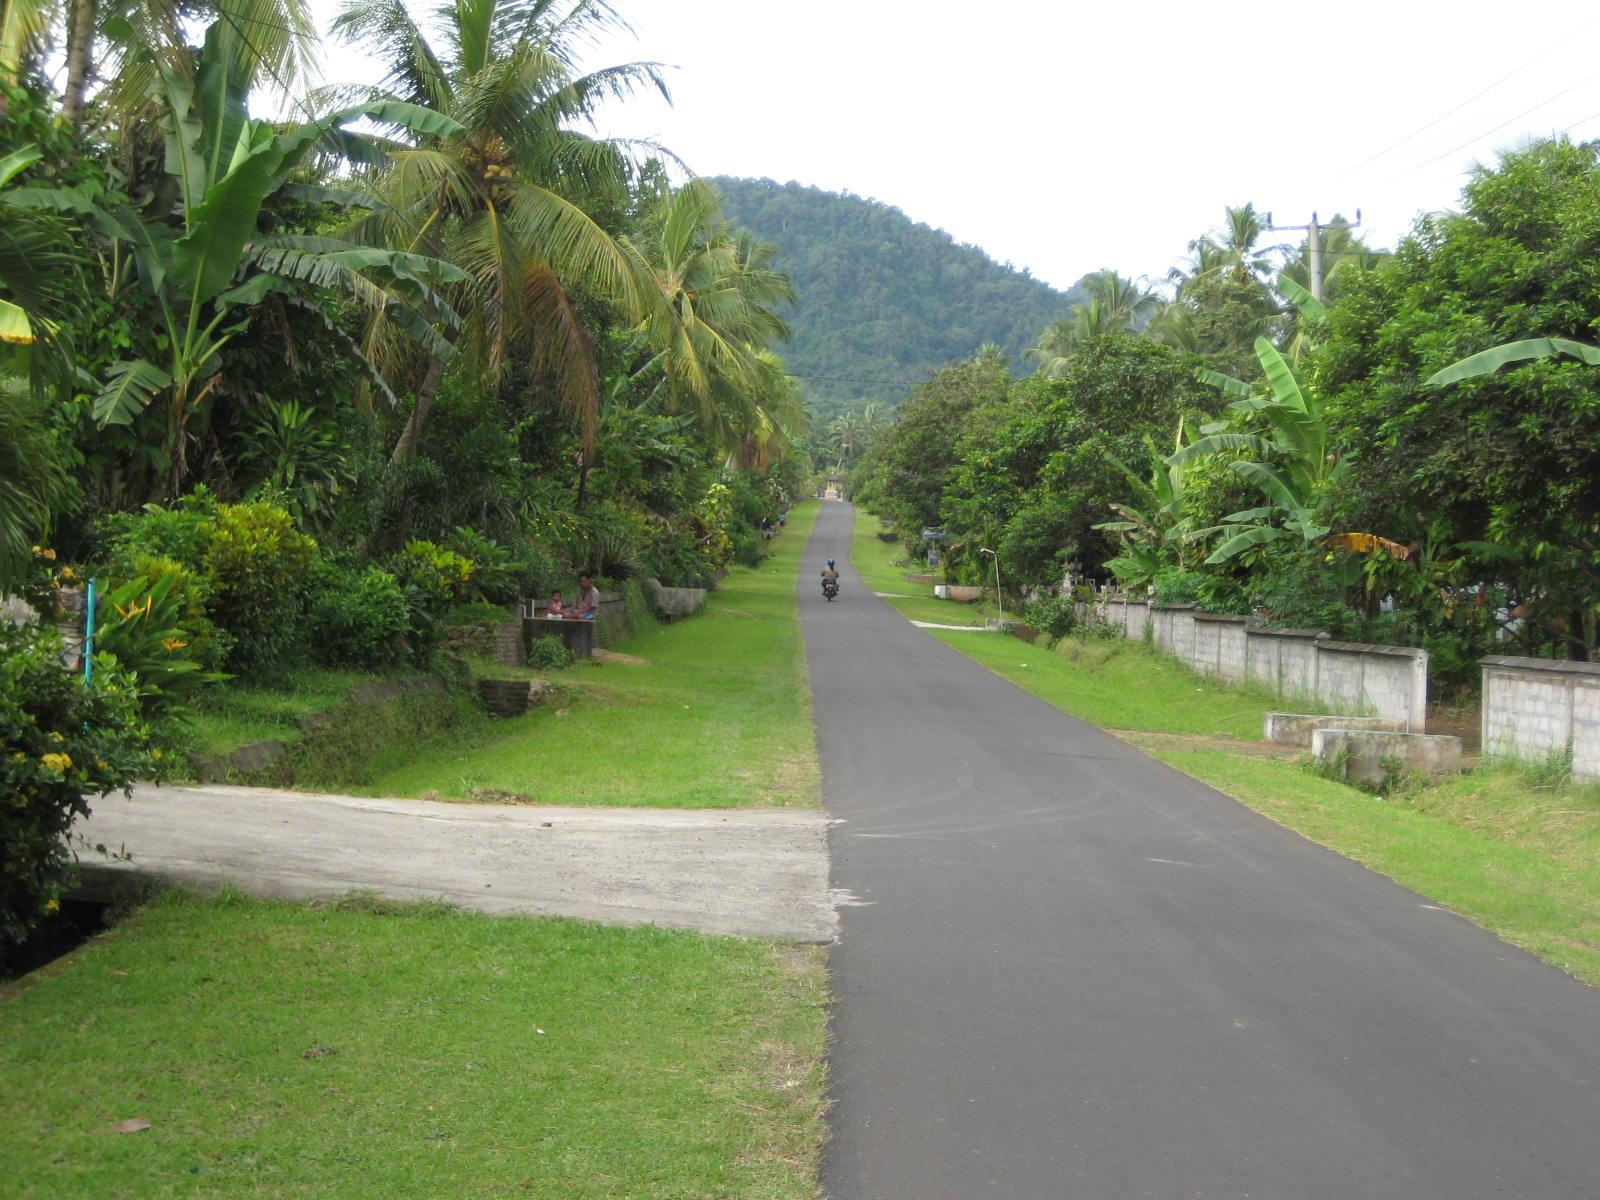 The road in Belimbingsari